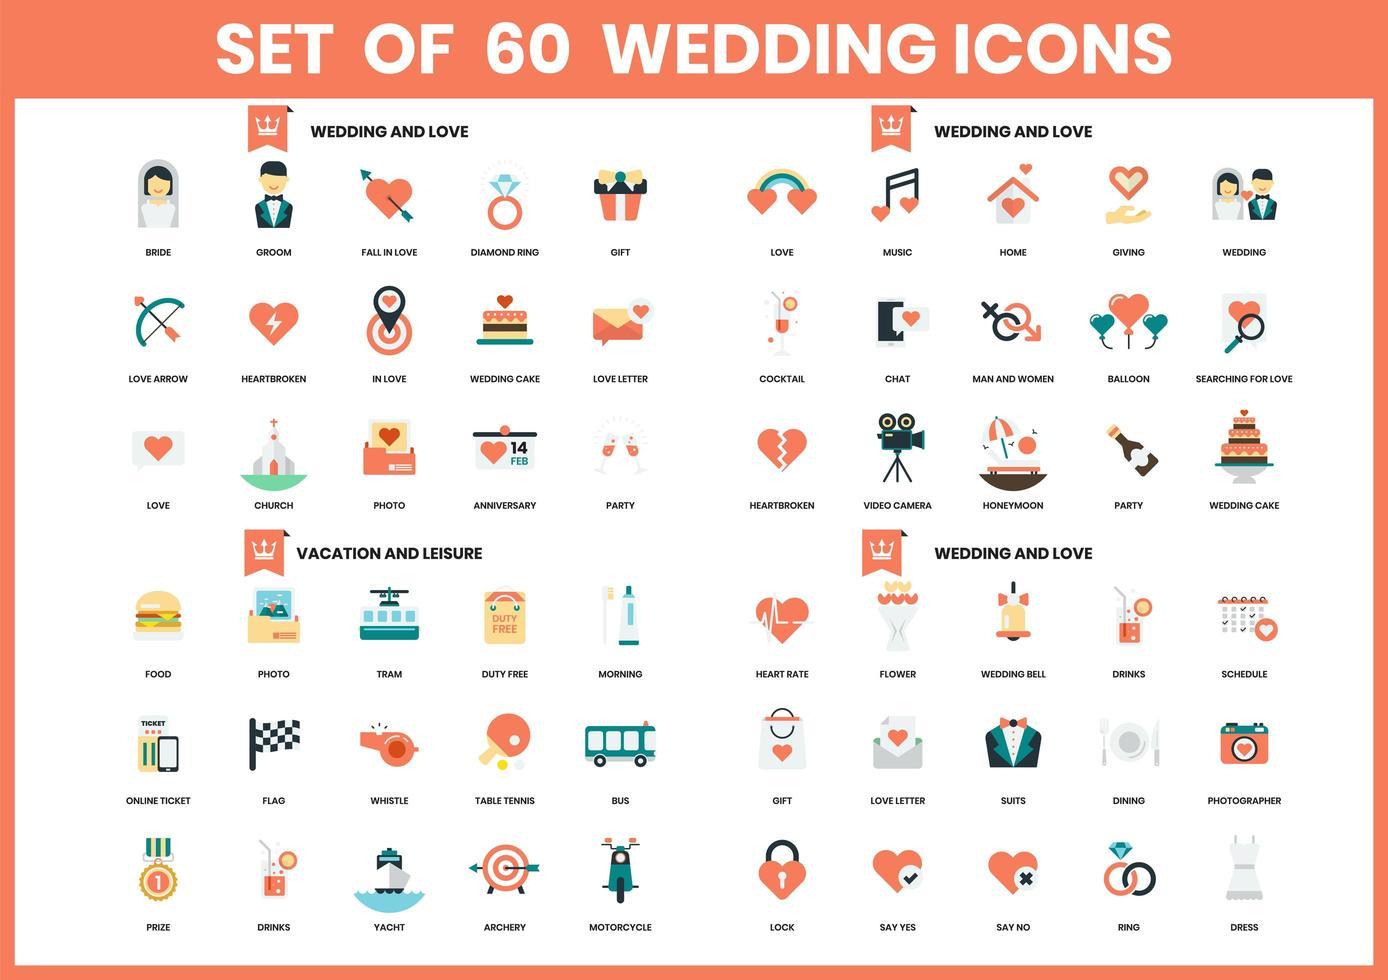 Satz von 60 Hochzeits-, Liebes- und Urlaubsikonen vektor